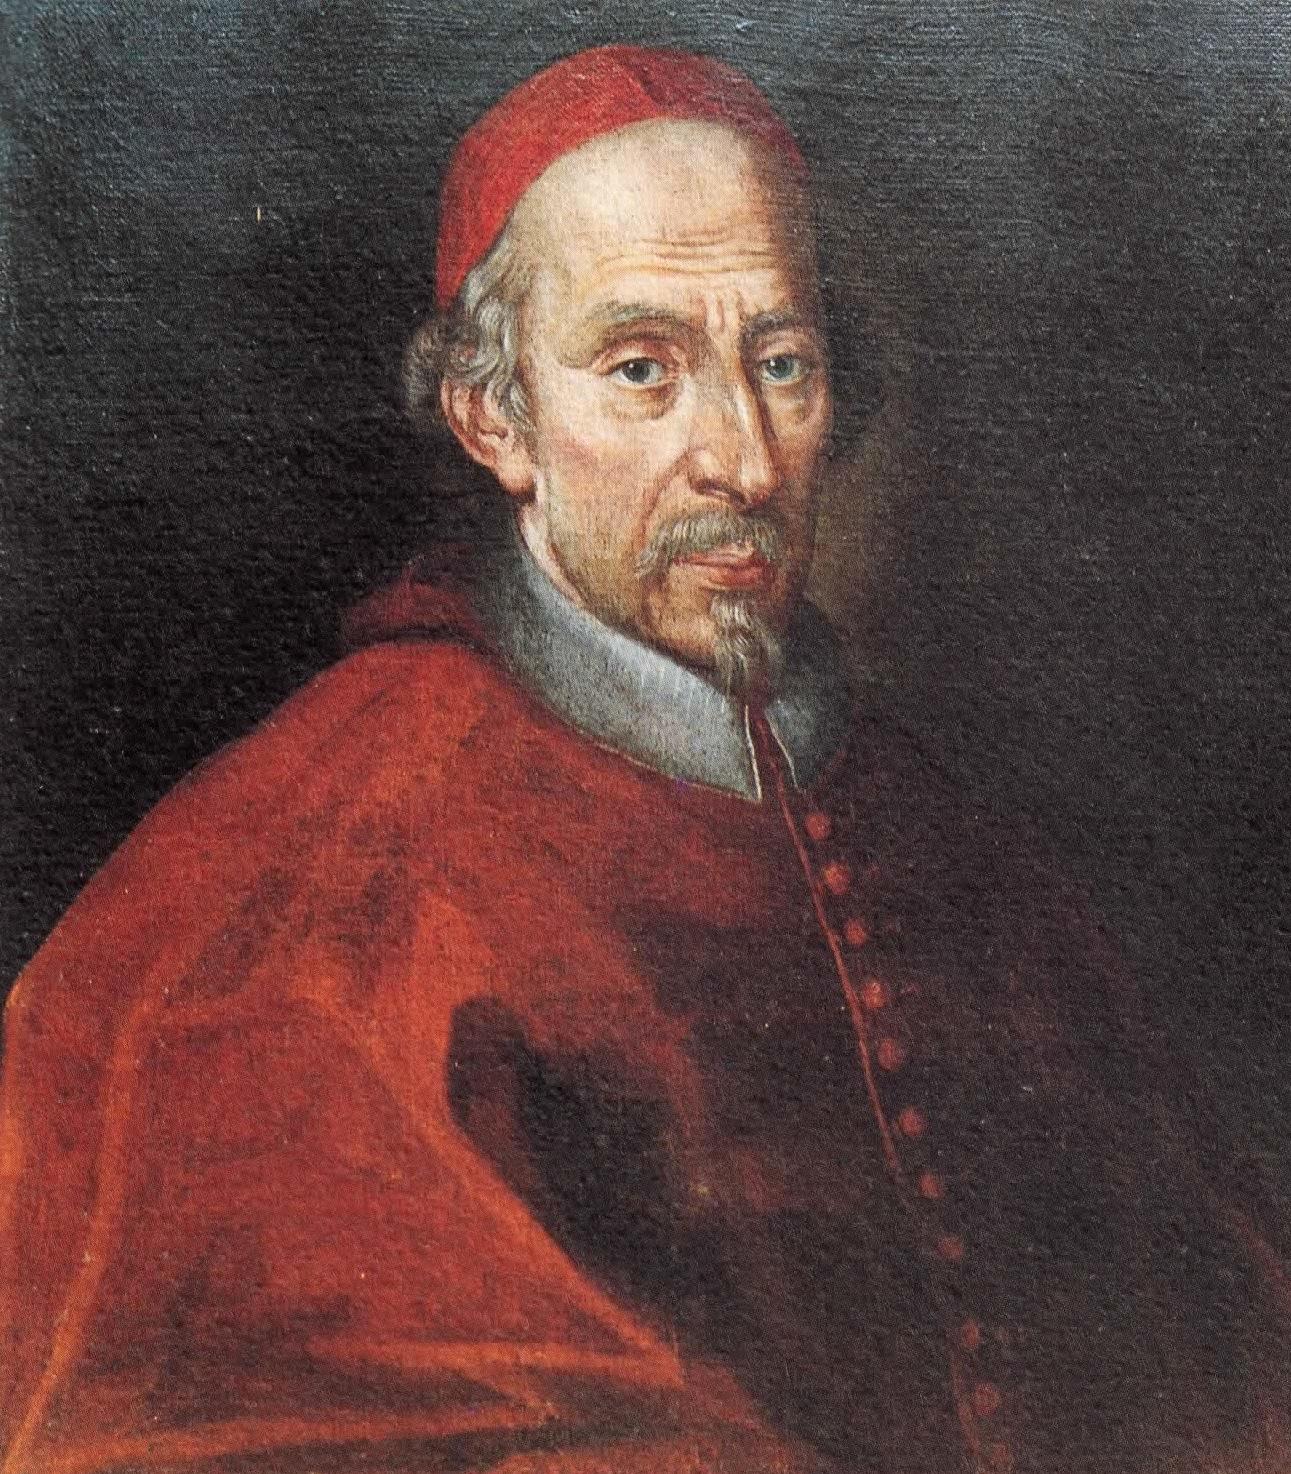 Ritratto del Cardinale Corradini della prima metà del Settecento